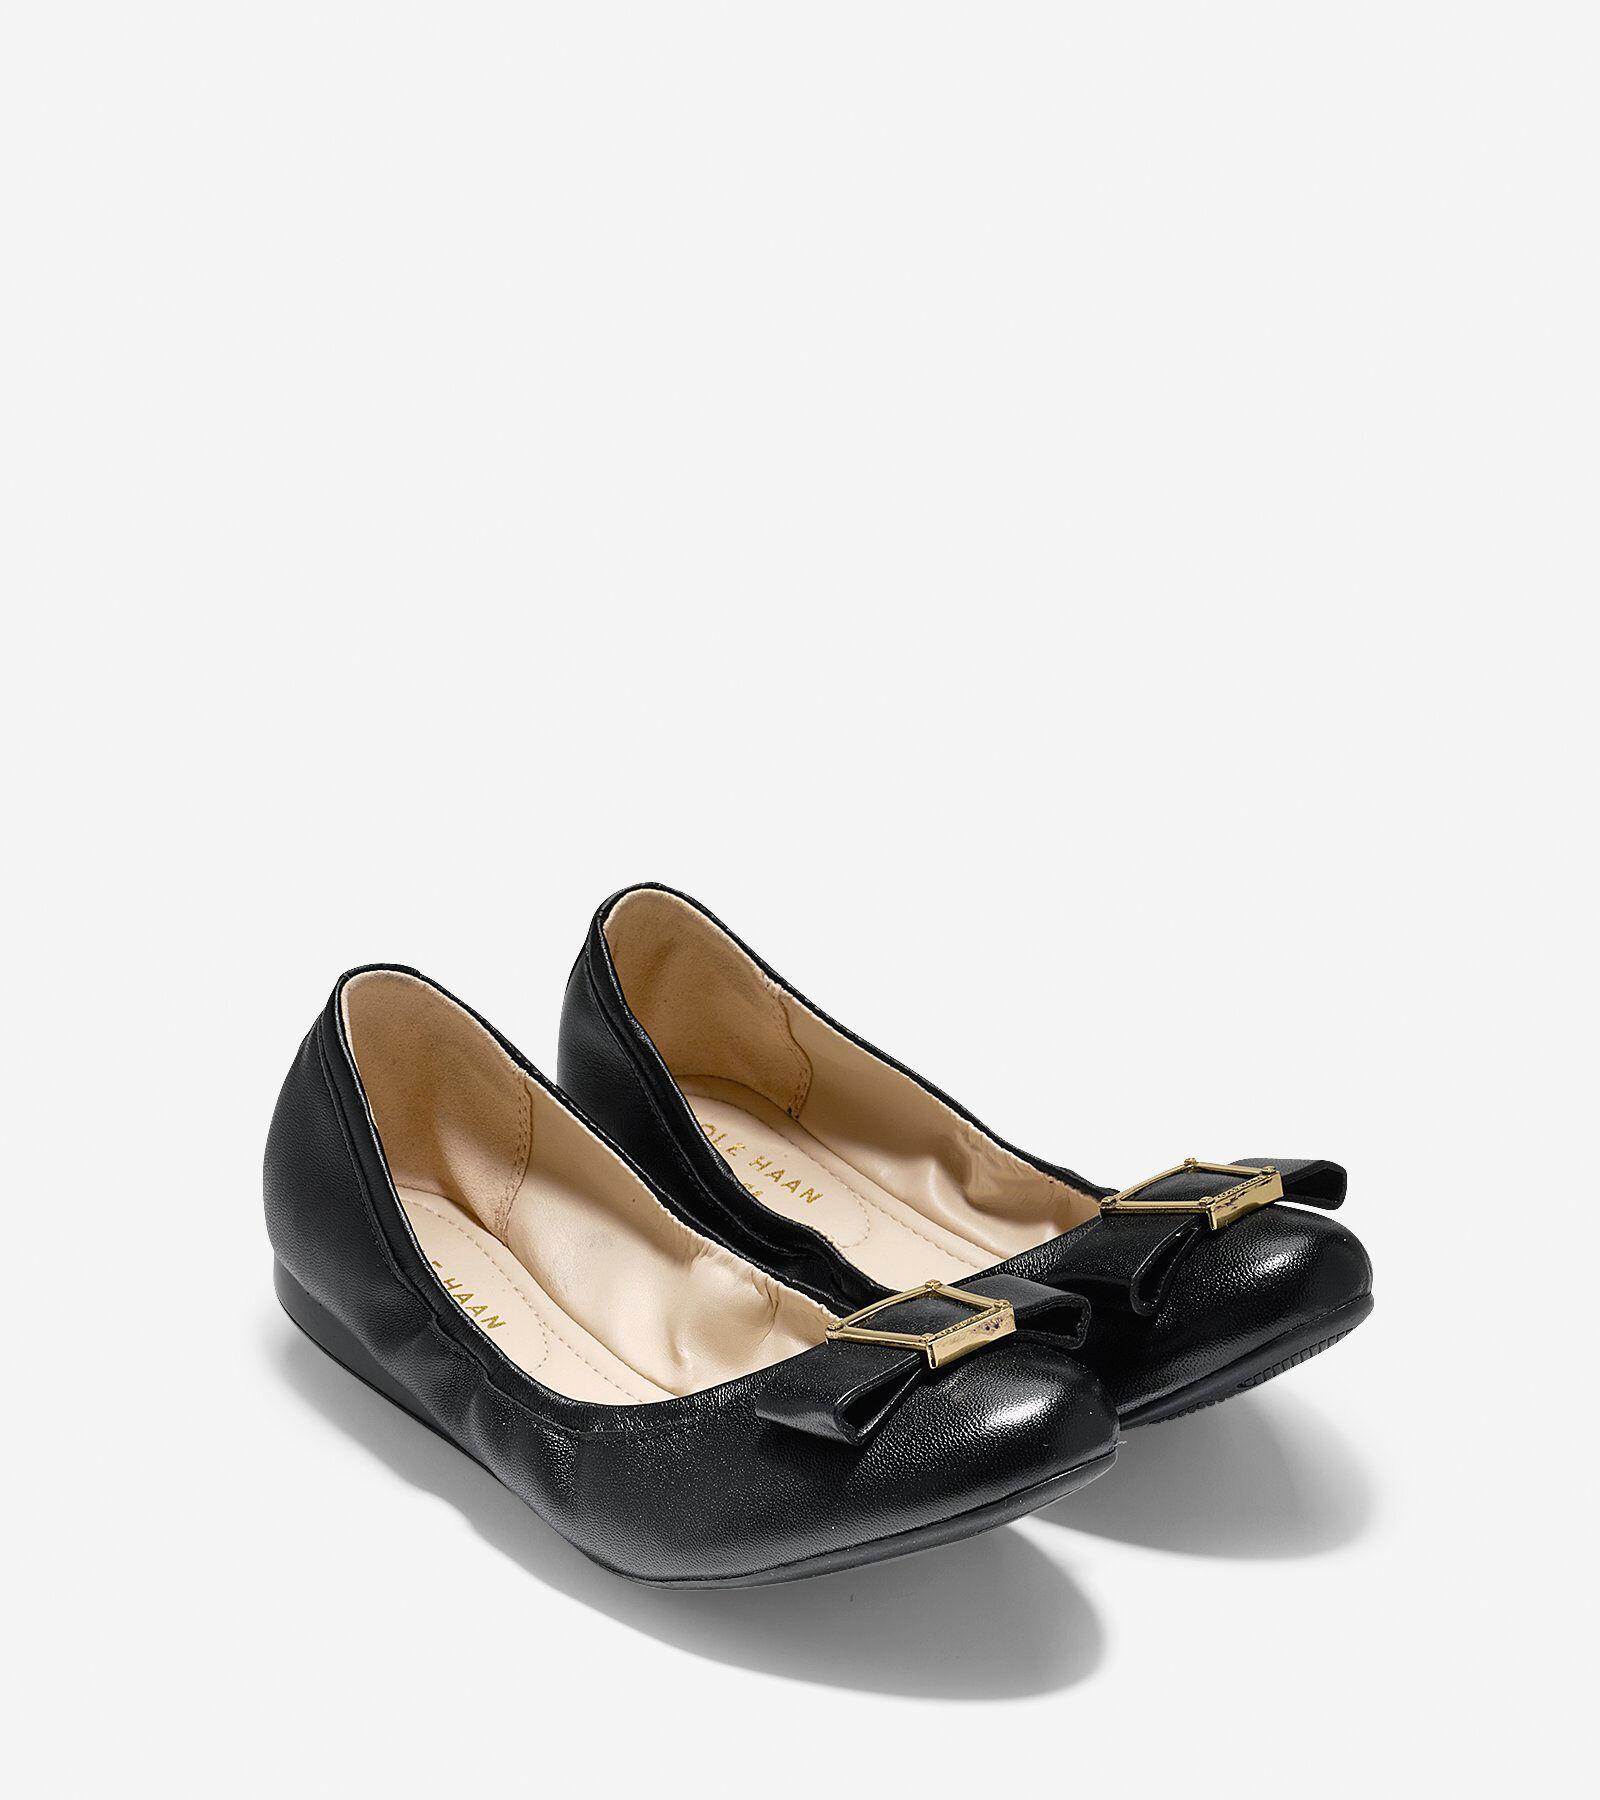 Women's Emory Bow Ballet Flat in Black